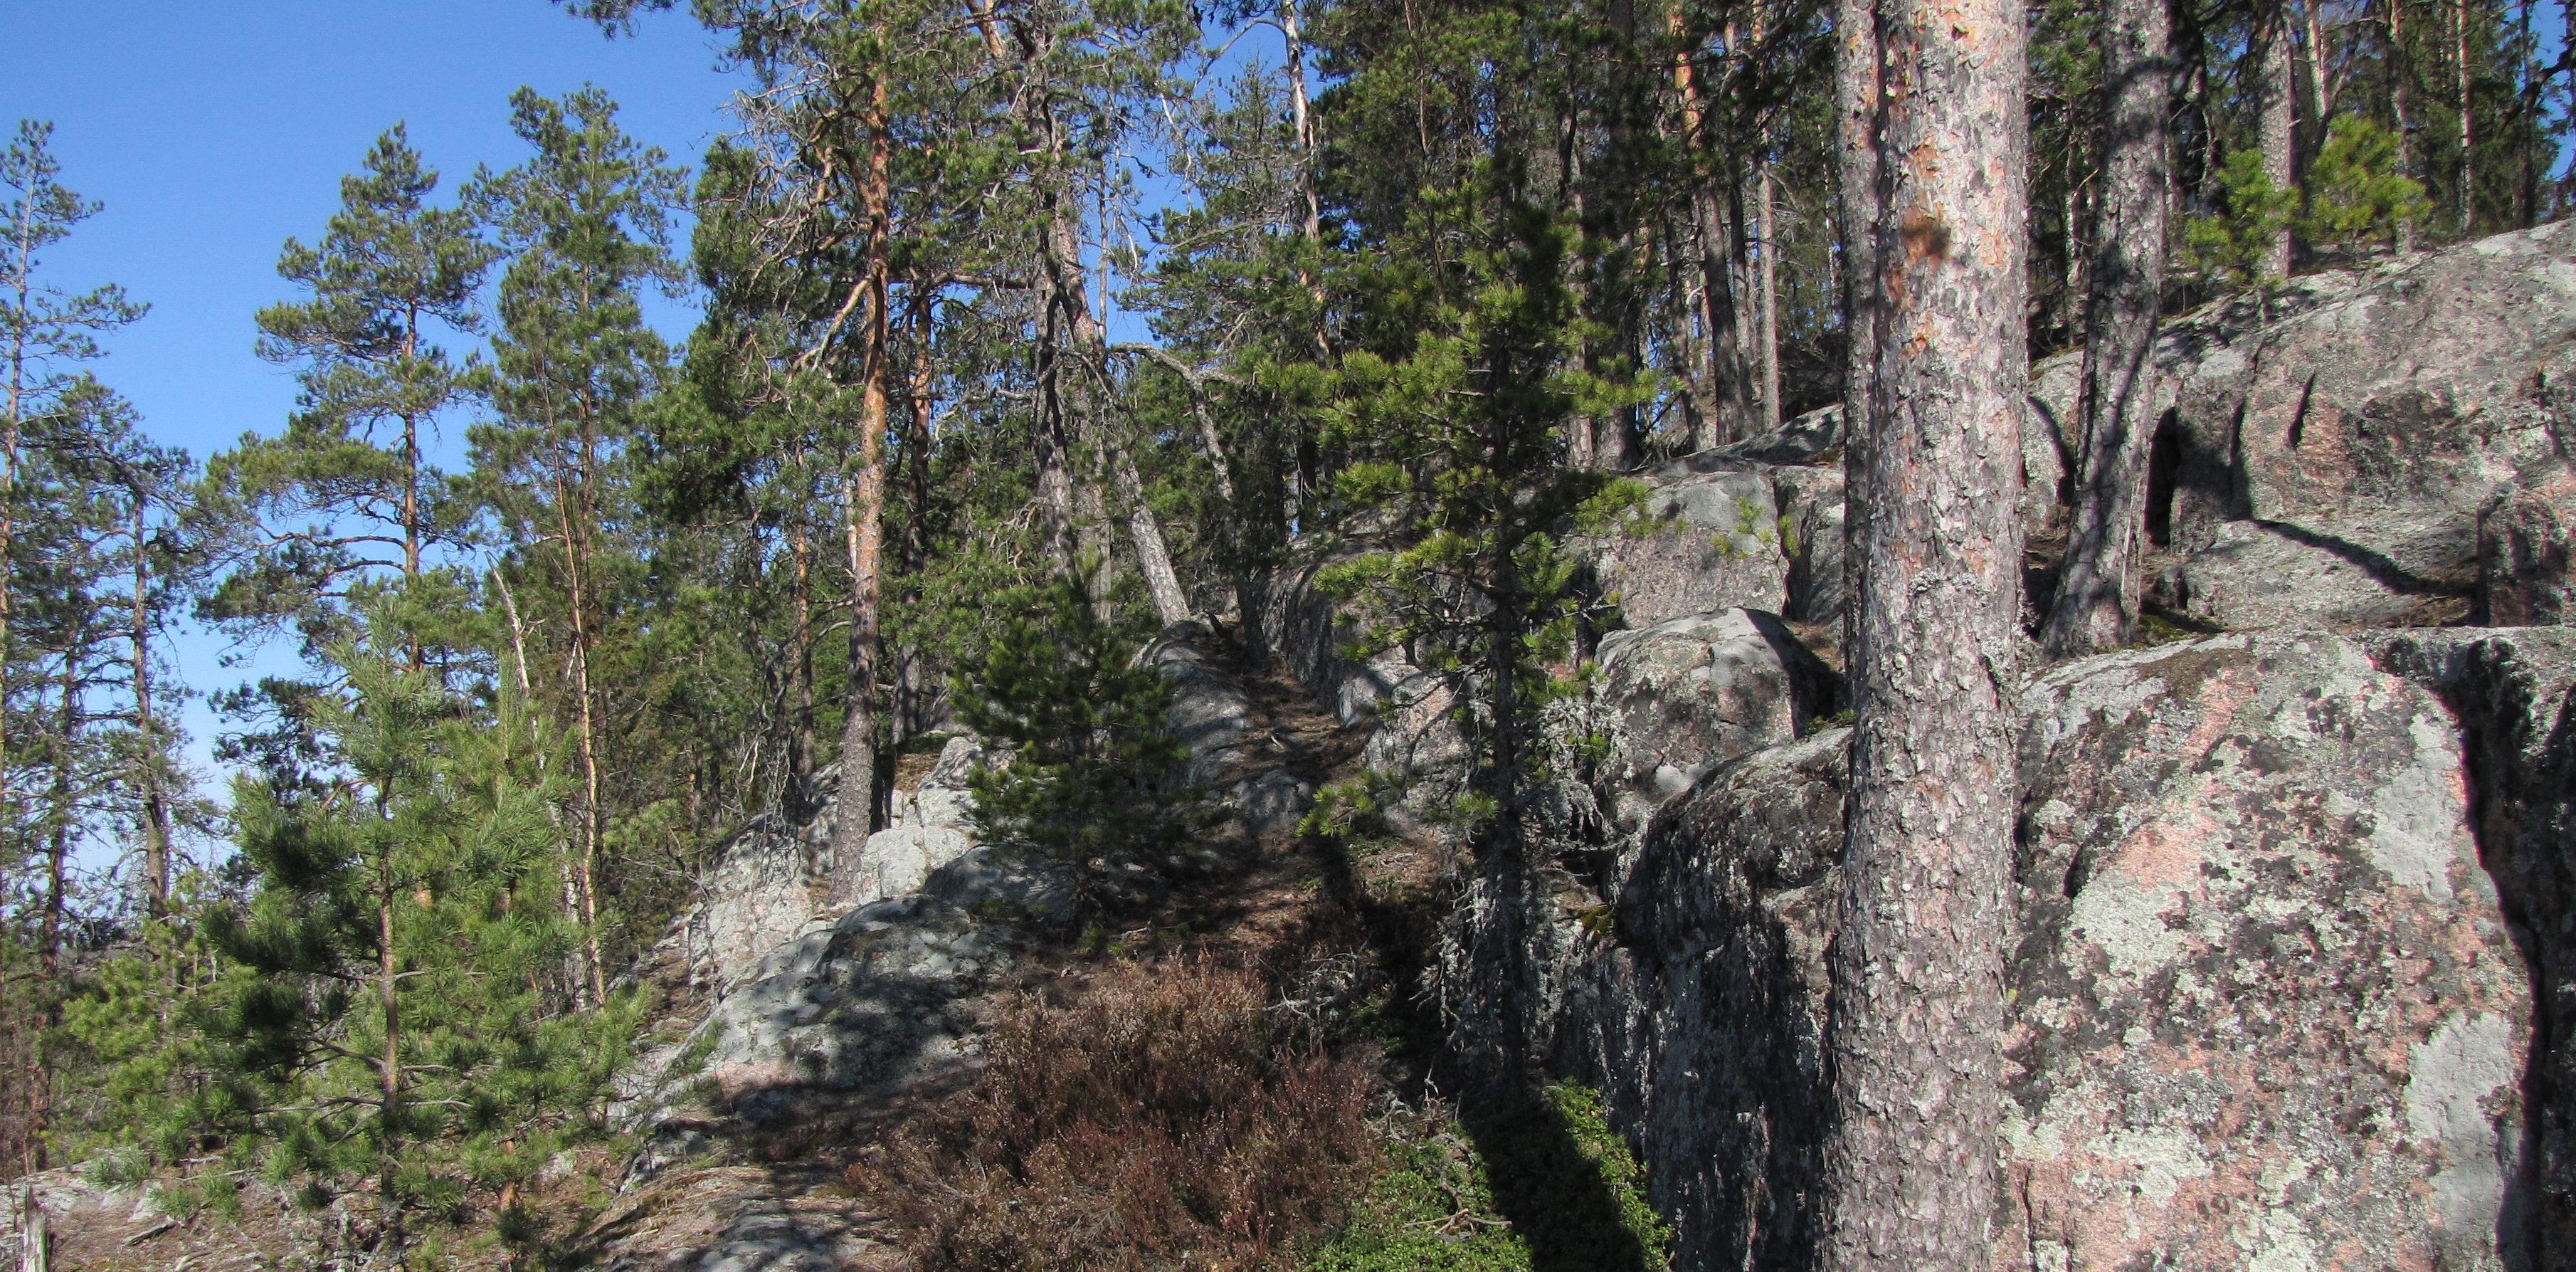 Määkynmäen kalliot Laurinmäen luontopolun varrella